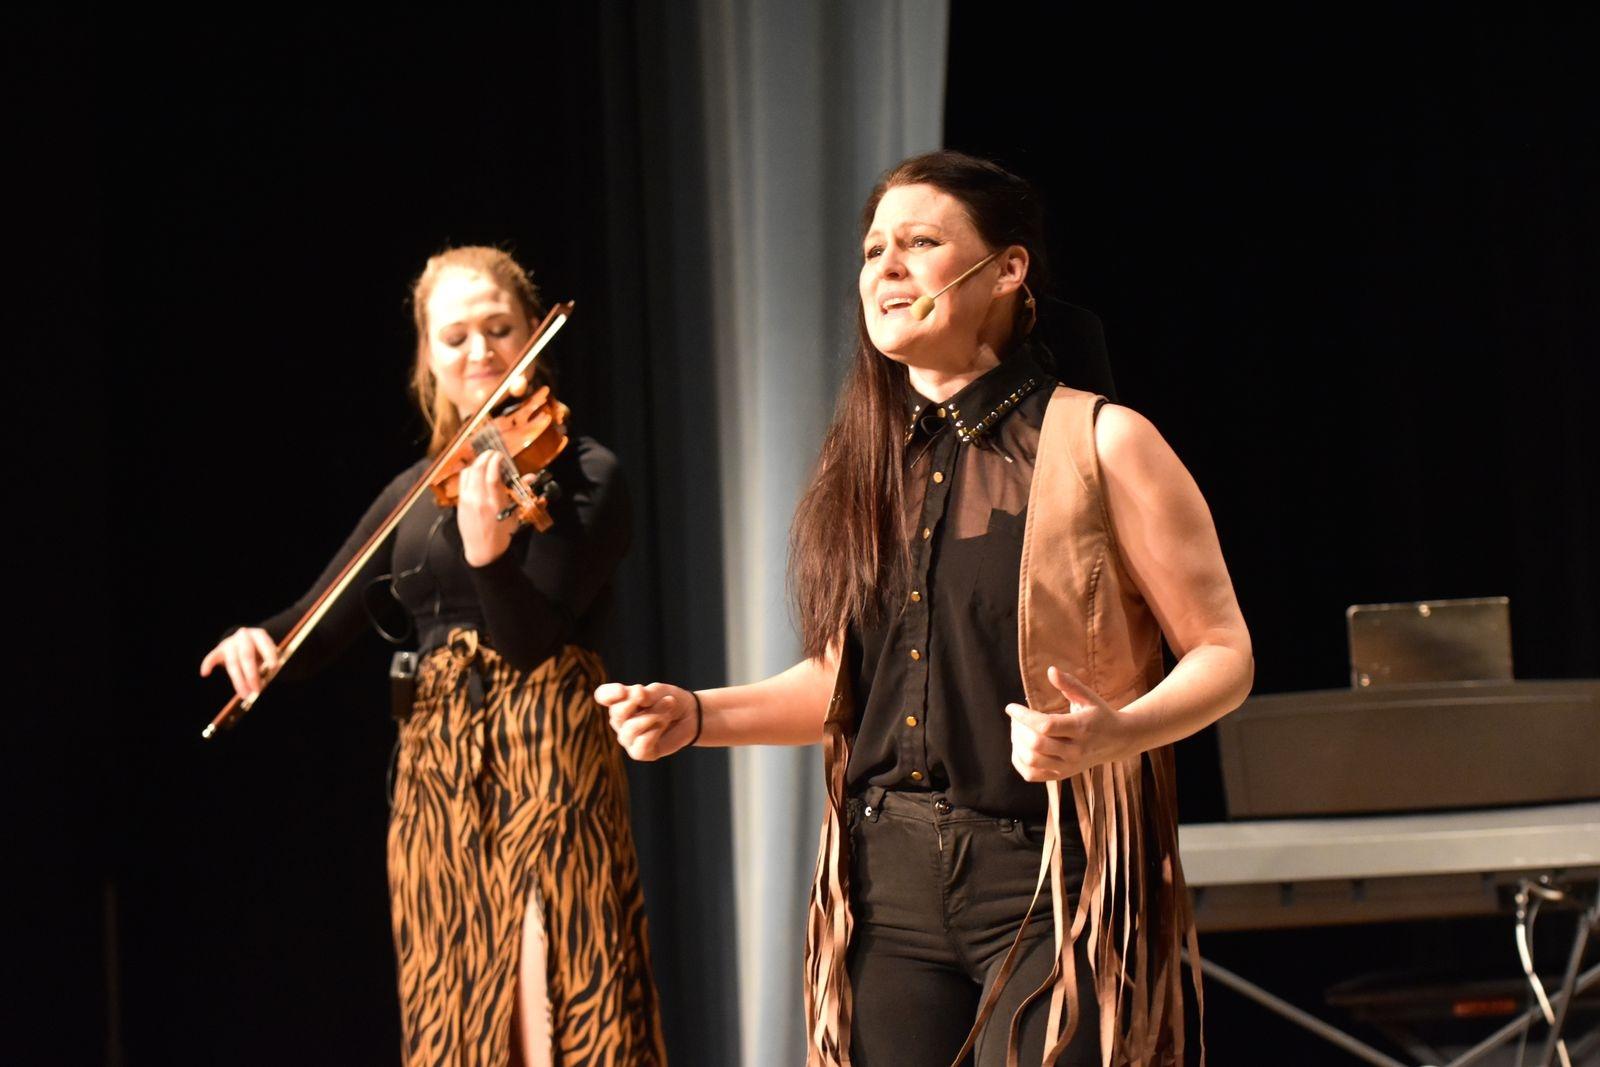 Evelina och Ida Seve bjuder på fantastiska melodier och härliga stämmor.